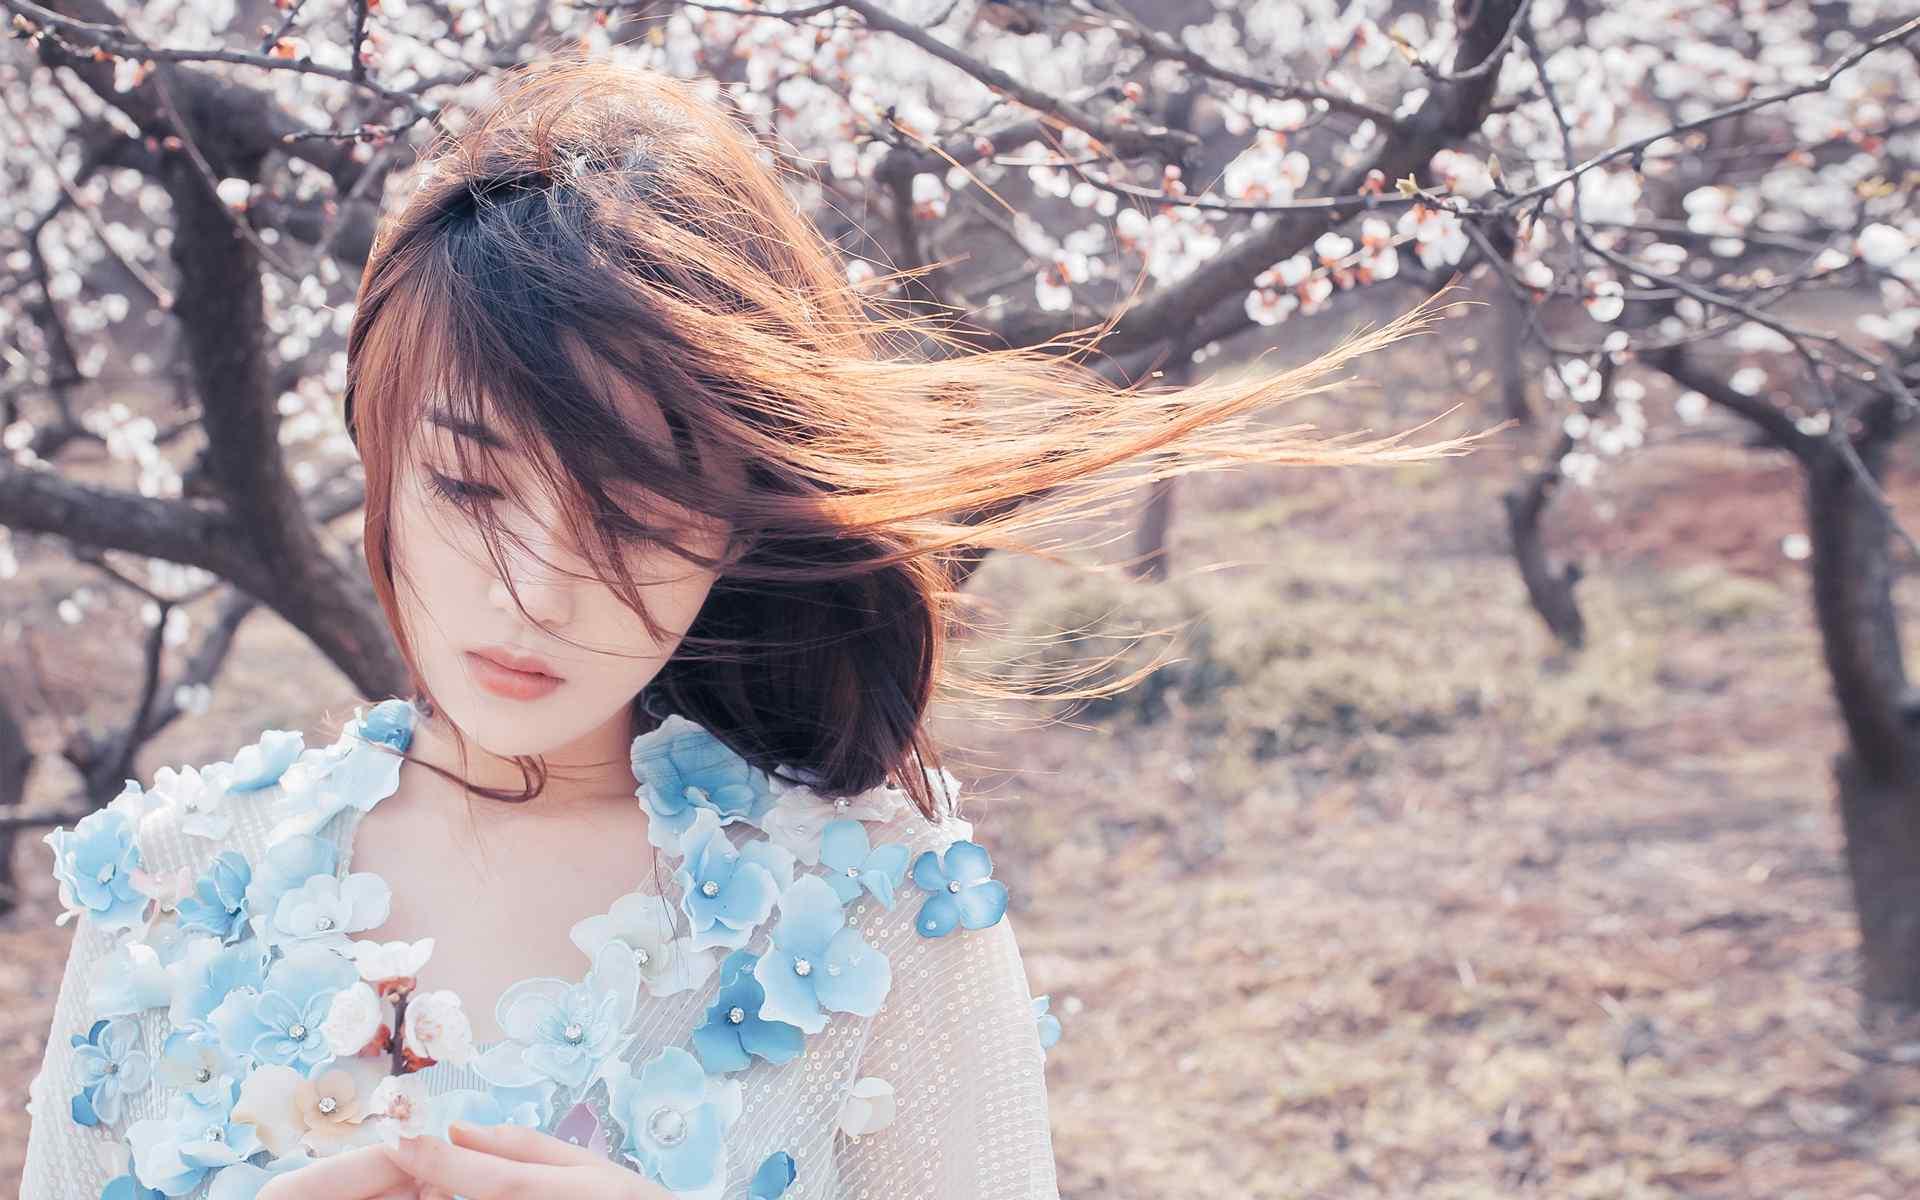 日系美女唯美写真图高清桌面壁纸